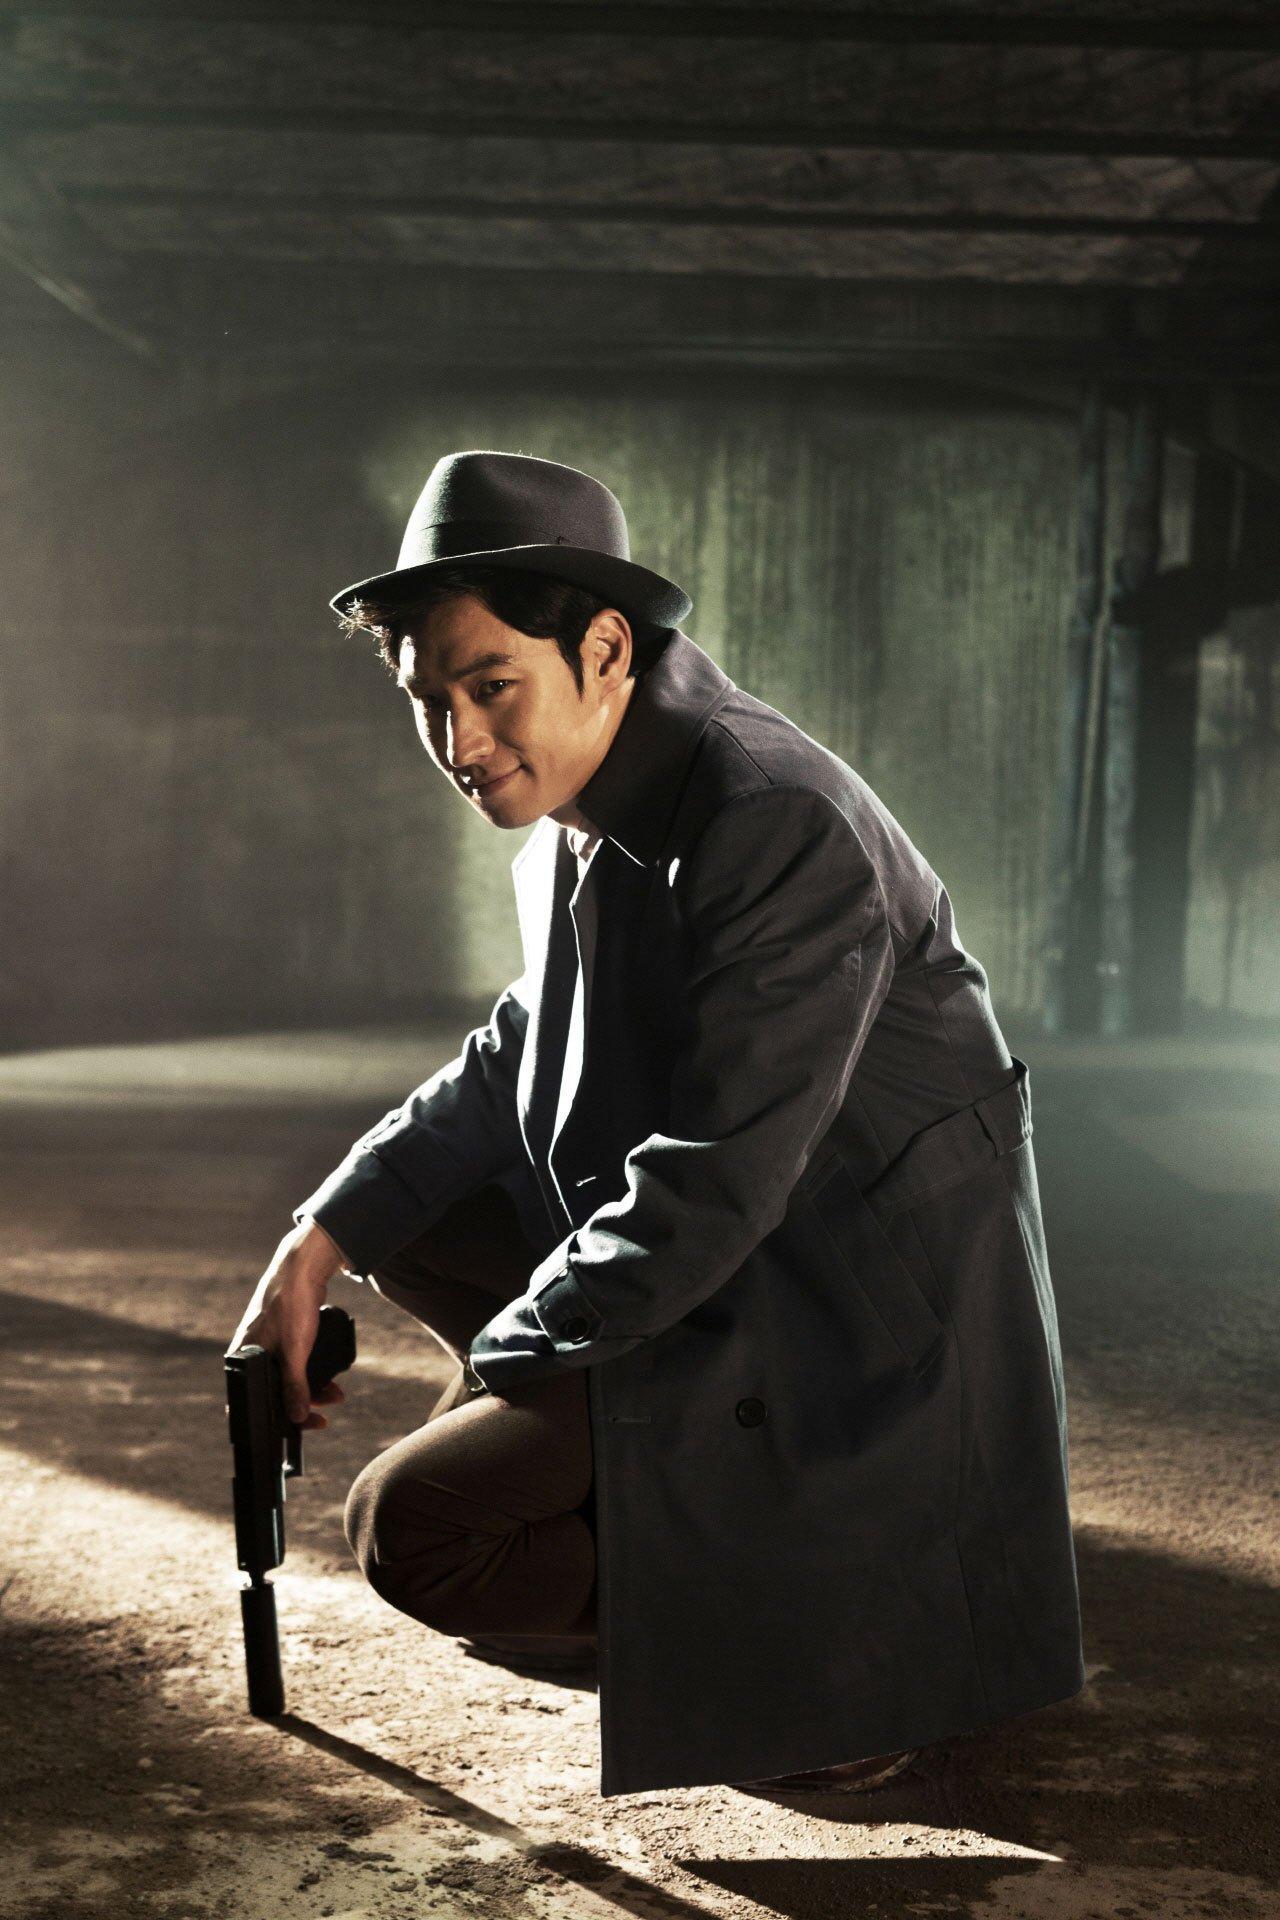 Lee Je-hoon (이제훈) Hong Gil-dong (홍길동) szerepében